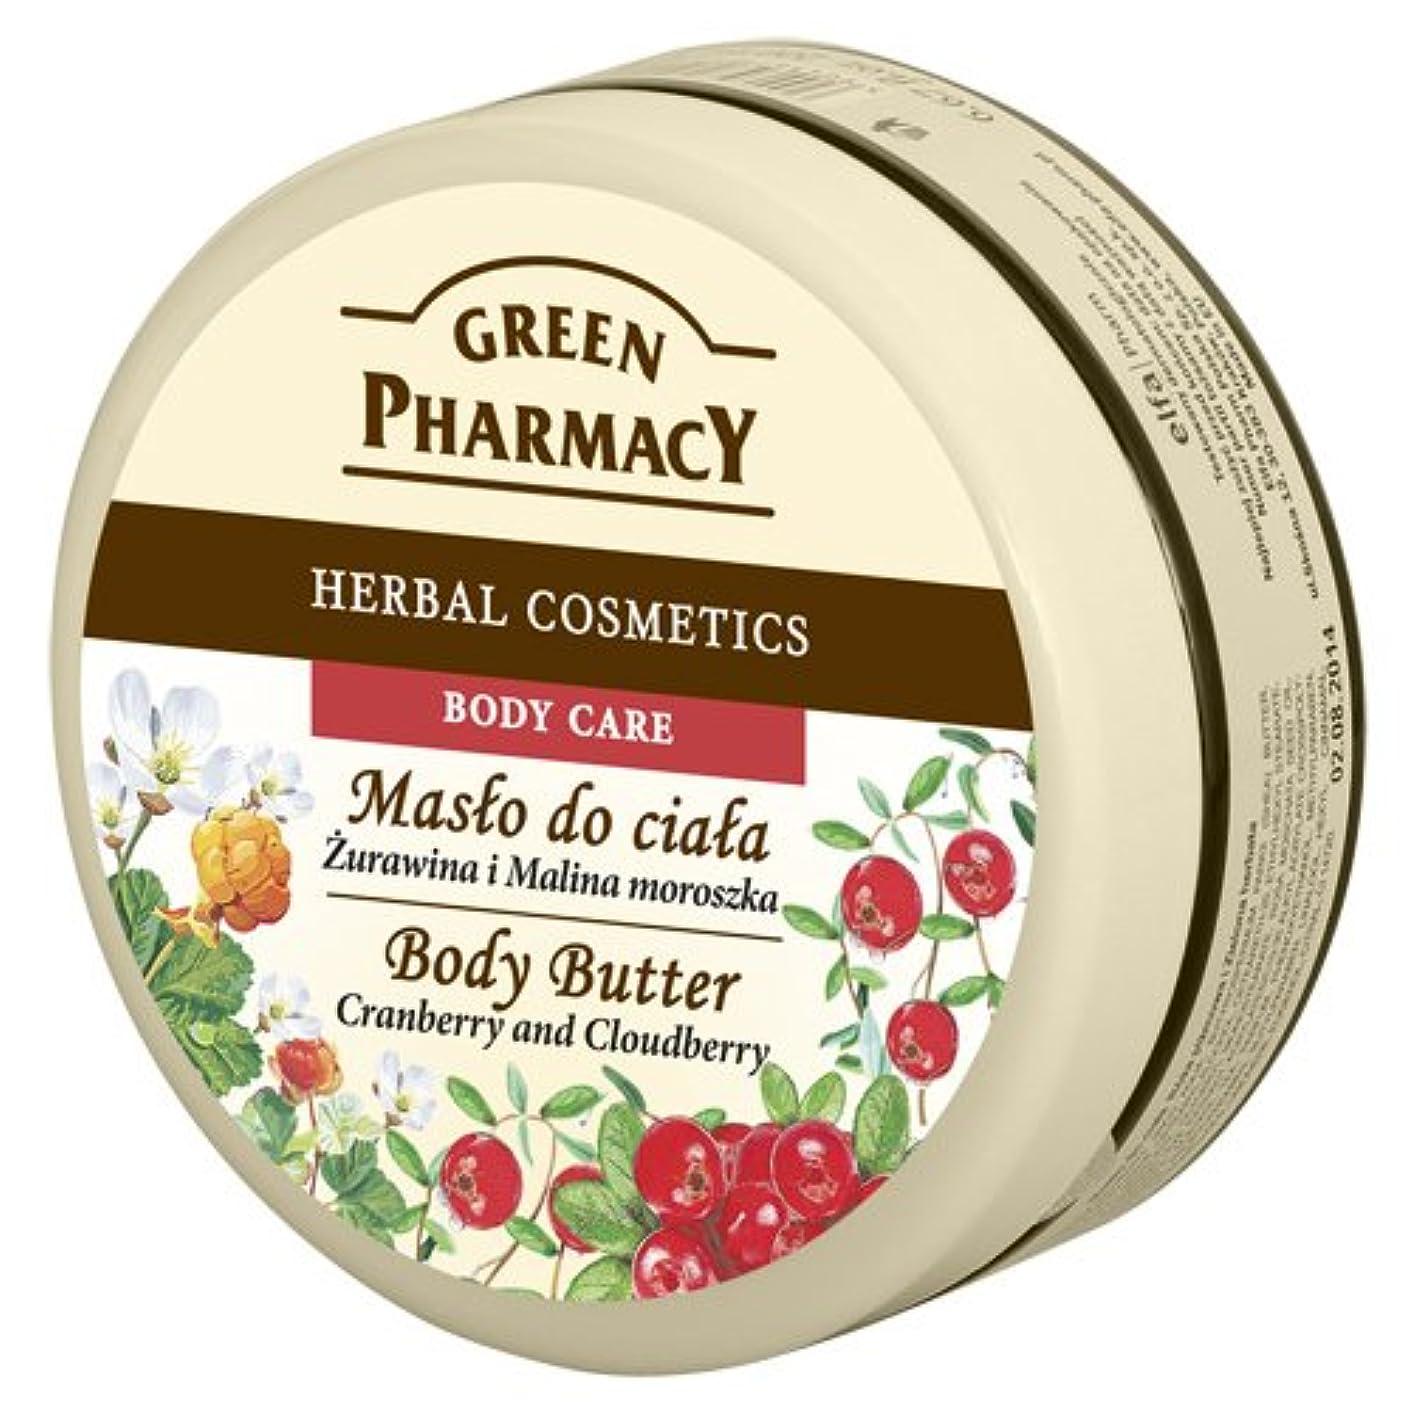 ホールドジェット露出度の高いElfa Pharm Green Pharmacy グリーンファーマシー Body Butter ボディバター Cranberry and Cloudberry